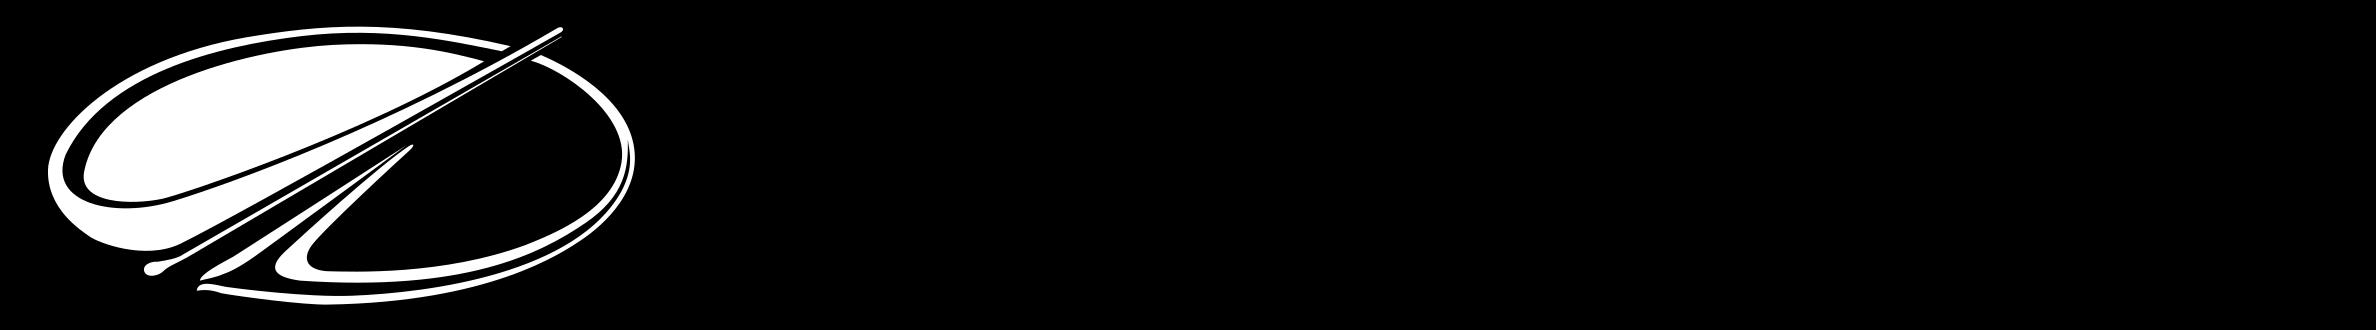 oldsmobile-logo-png-transparent.png